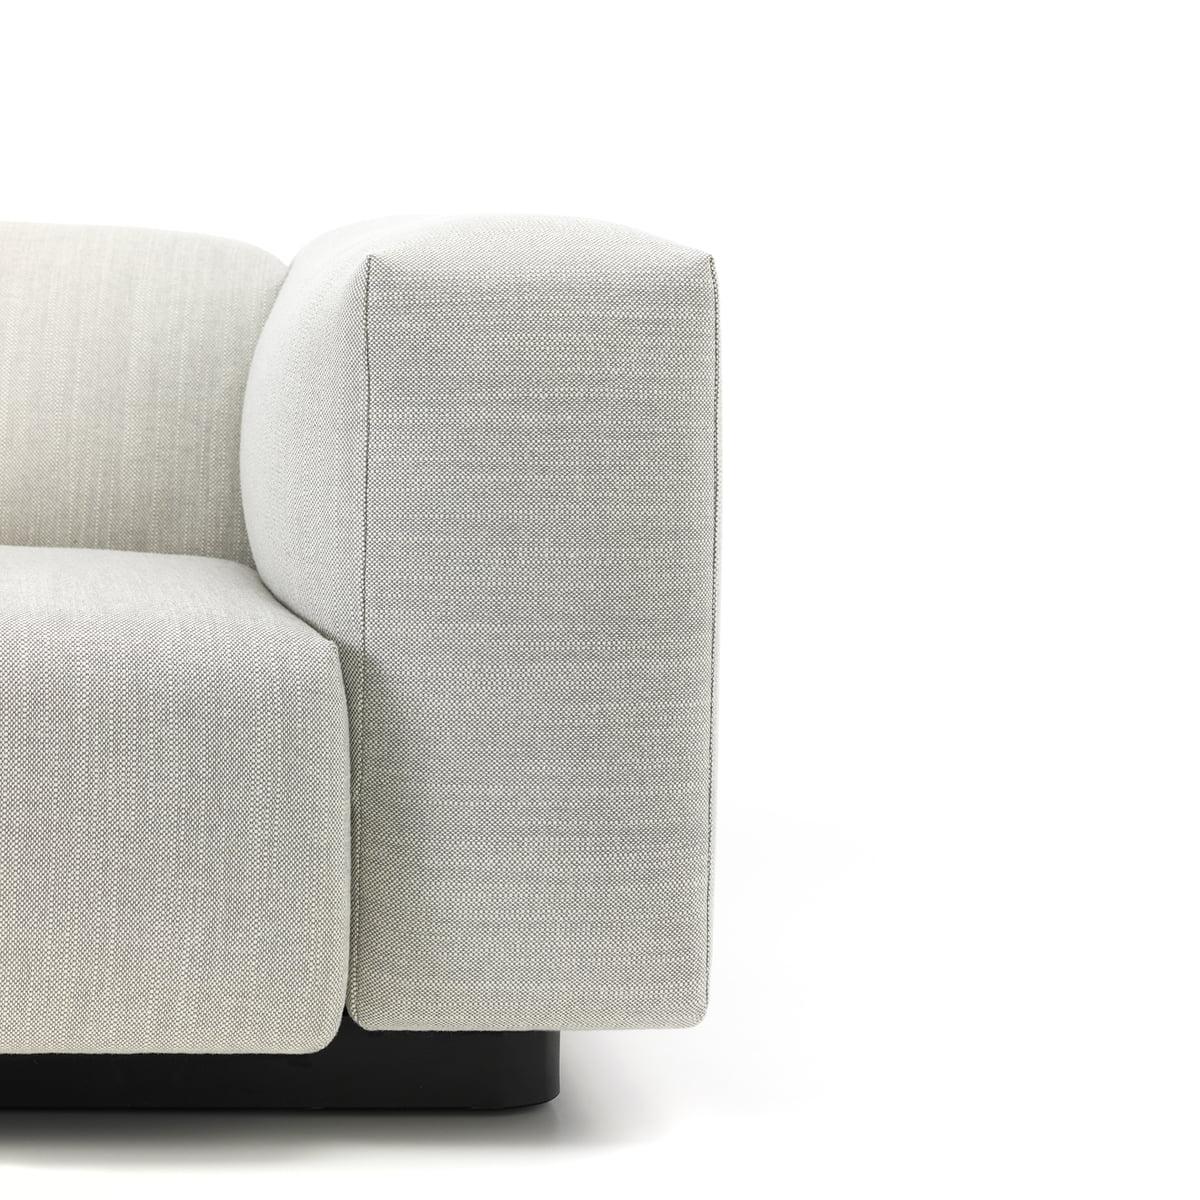 Soft Modular Sofa With Black Frame